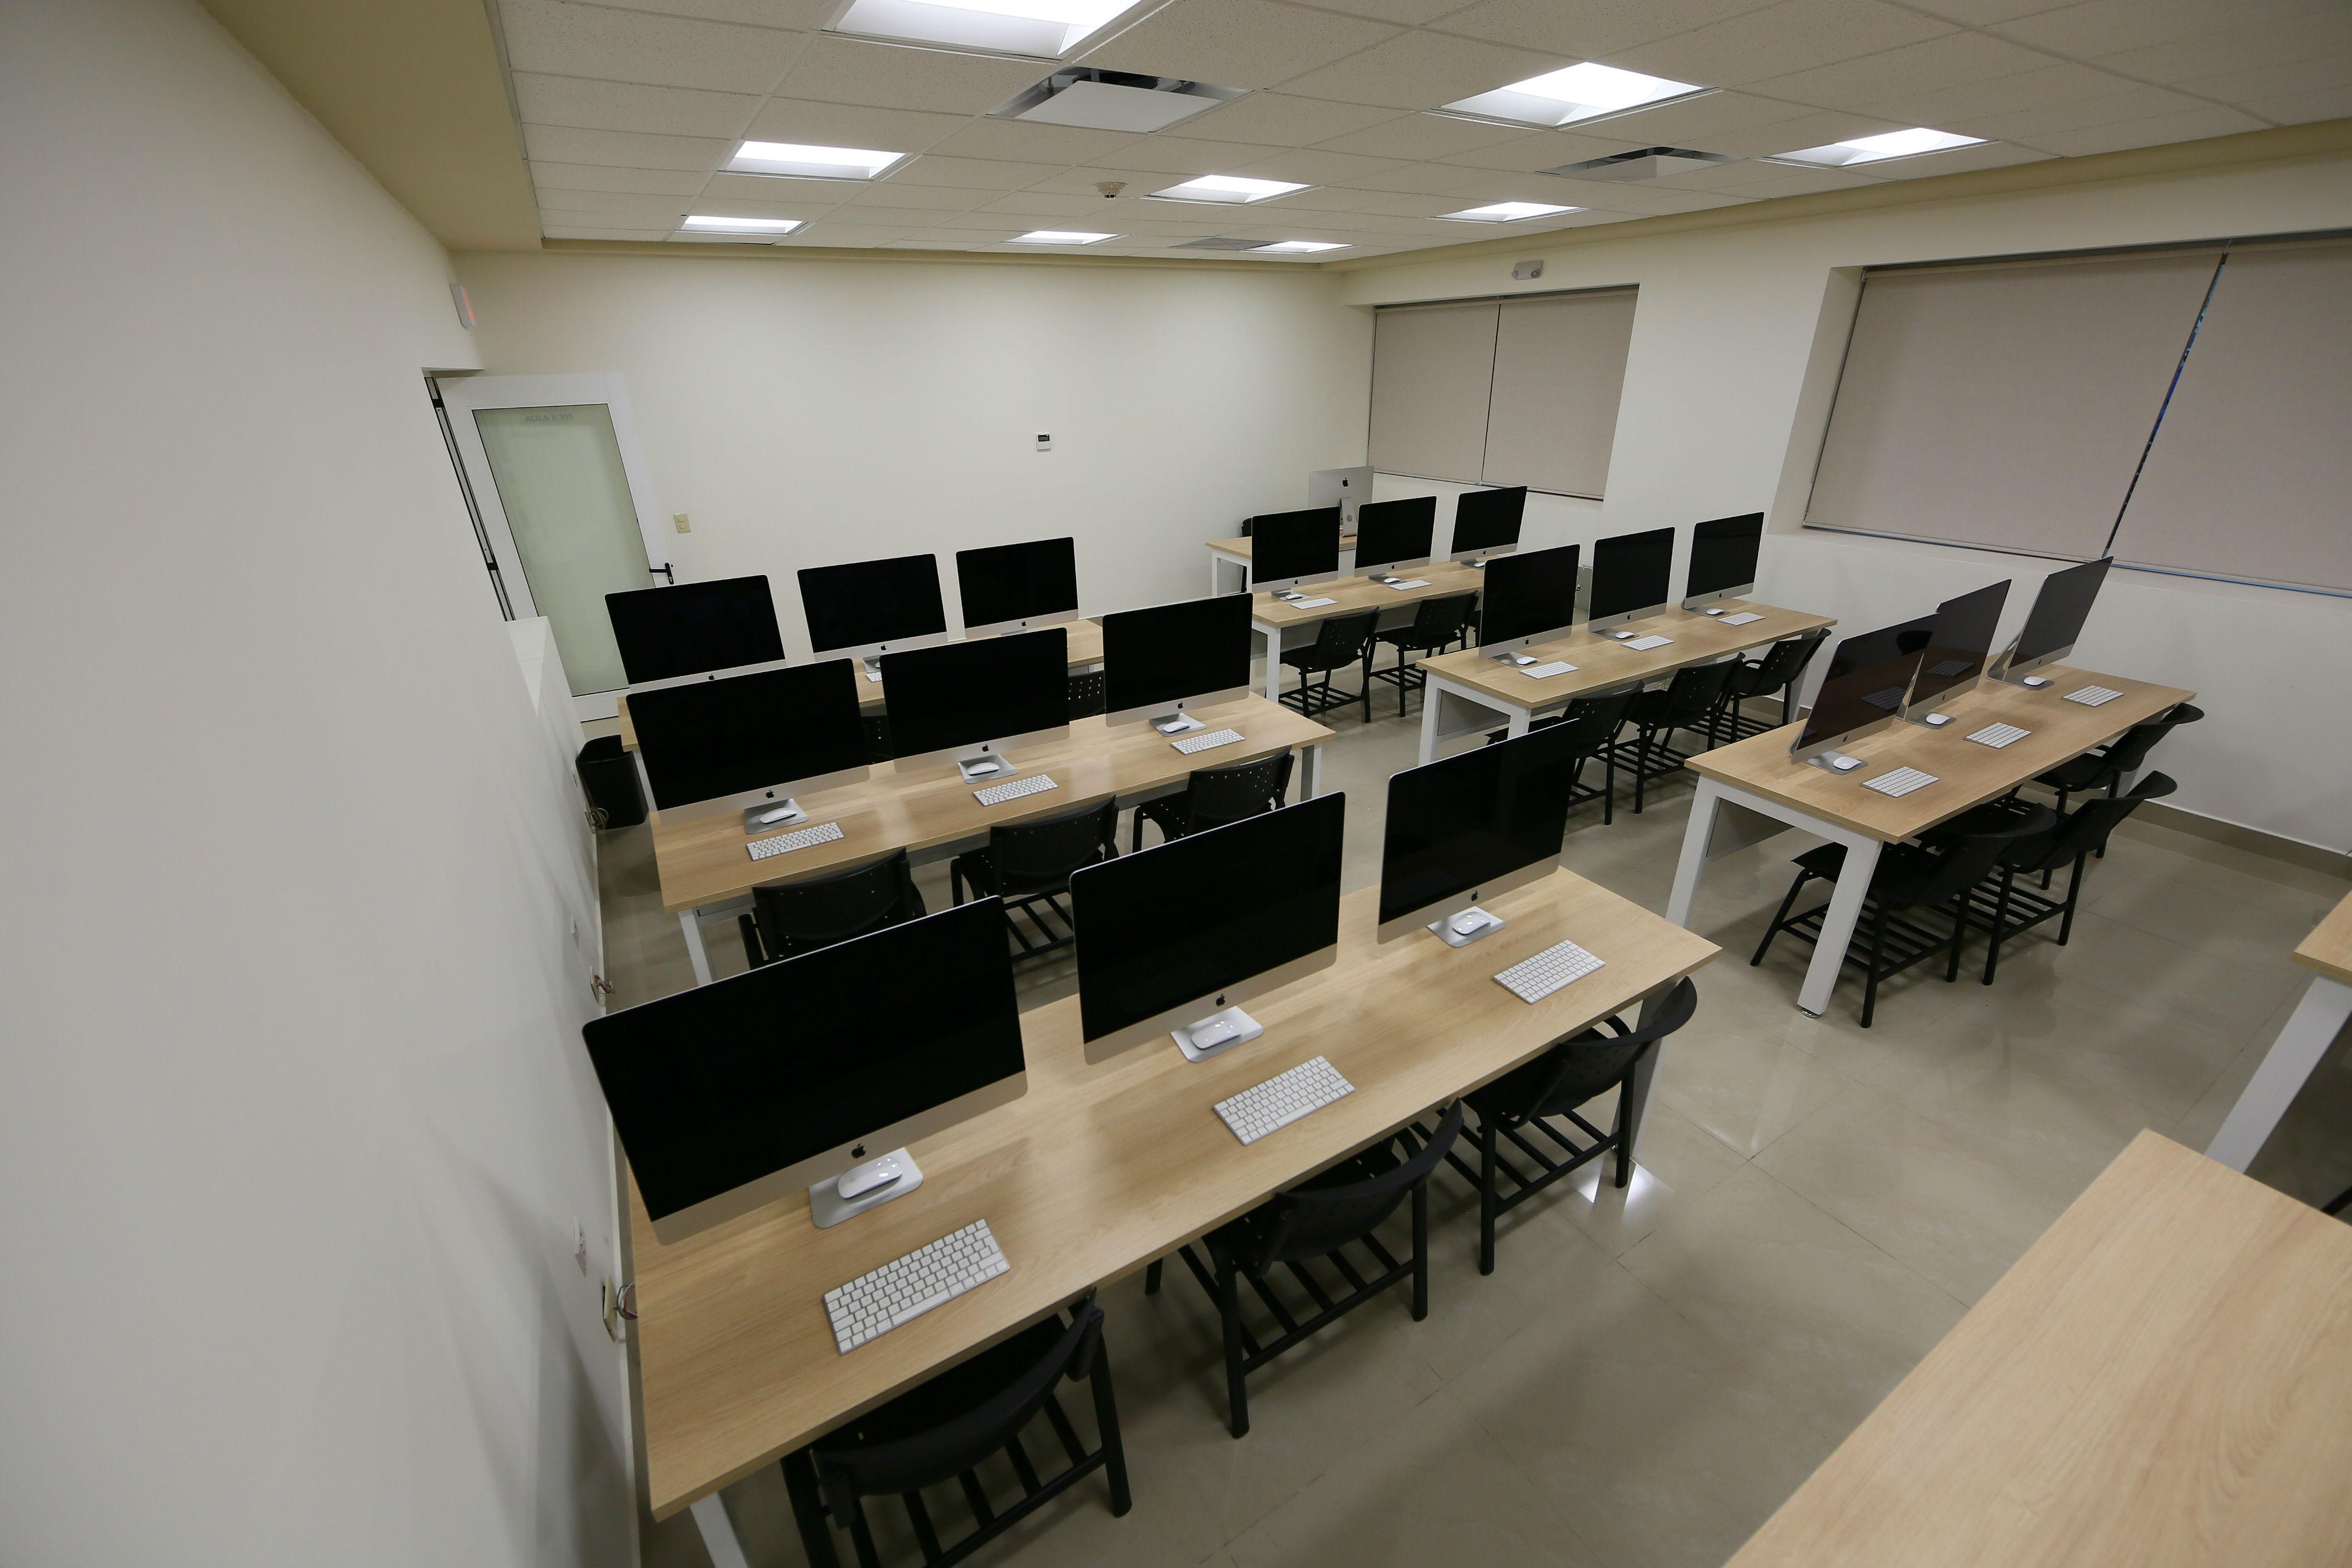 Equipo de cómputo para estudiantes de diseño gráfico y lenguaje y producción audiovisual